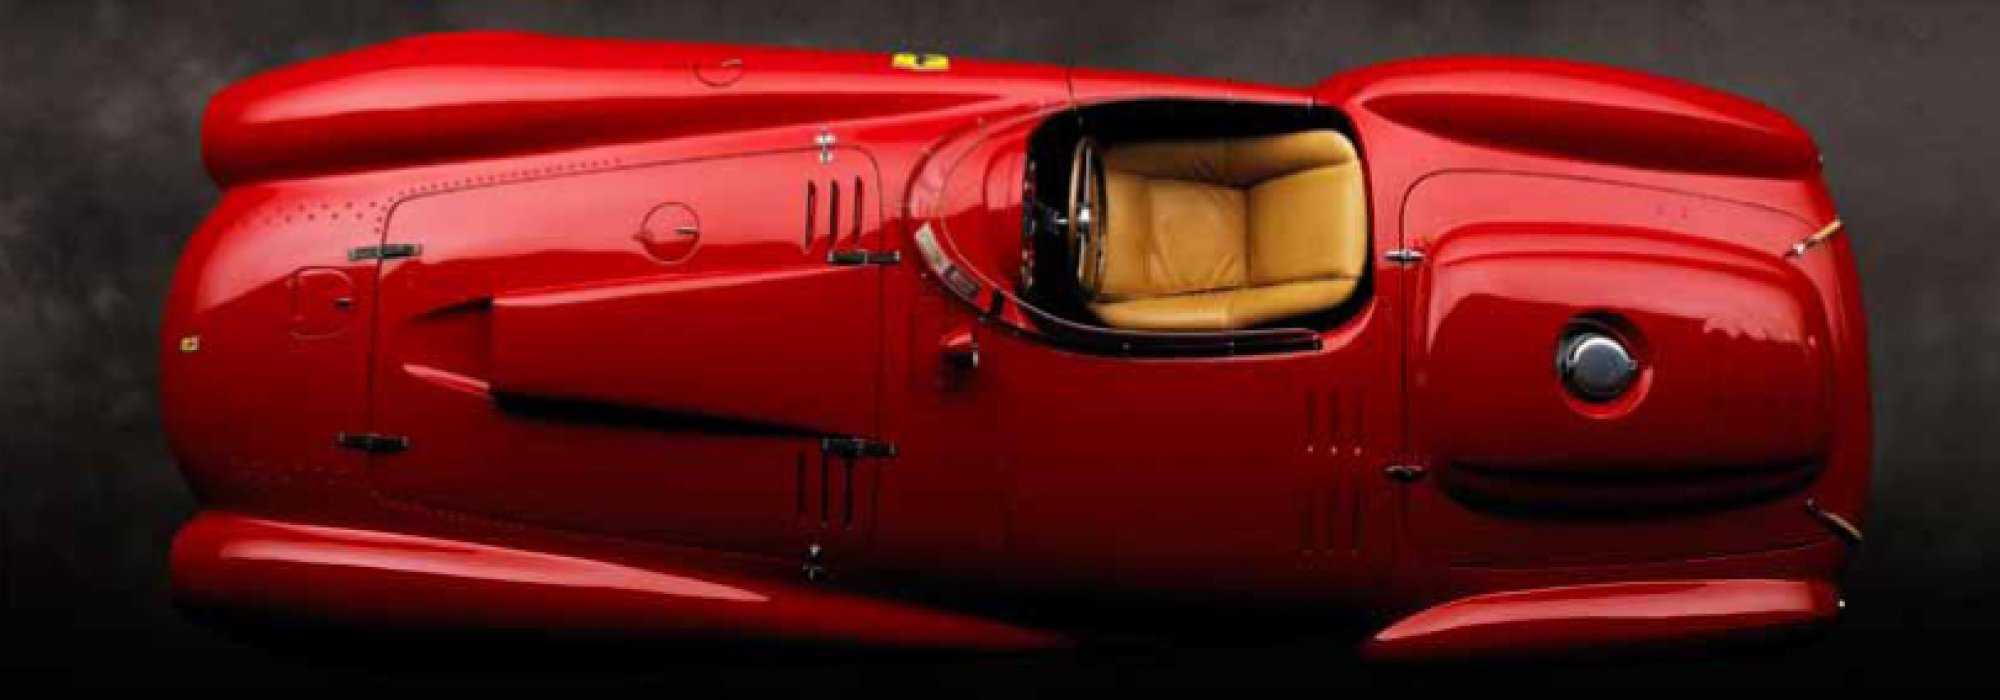 S0-L-art-de-l-automobile-premiere-exposition-publique-de-la-collection-de-Ralph-Lauren-218949